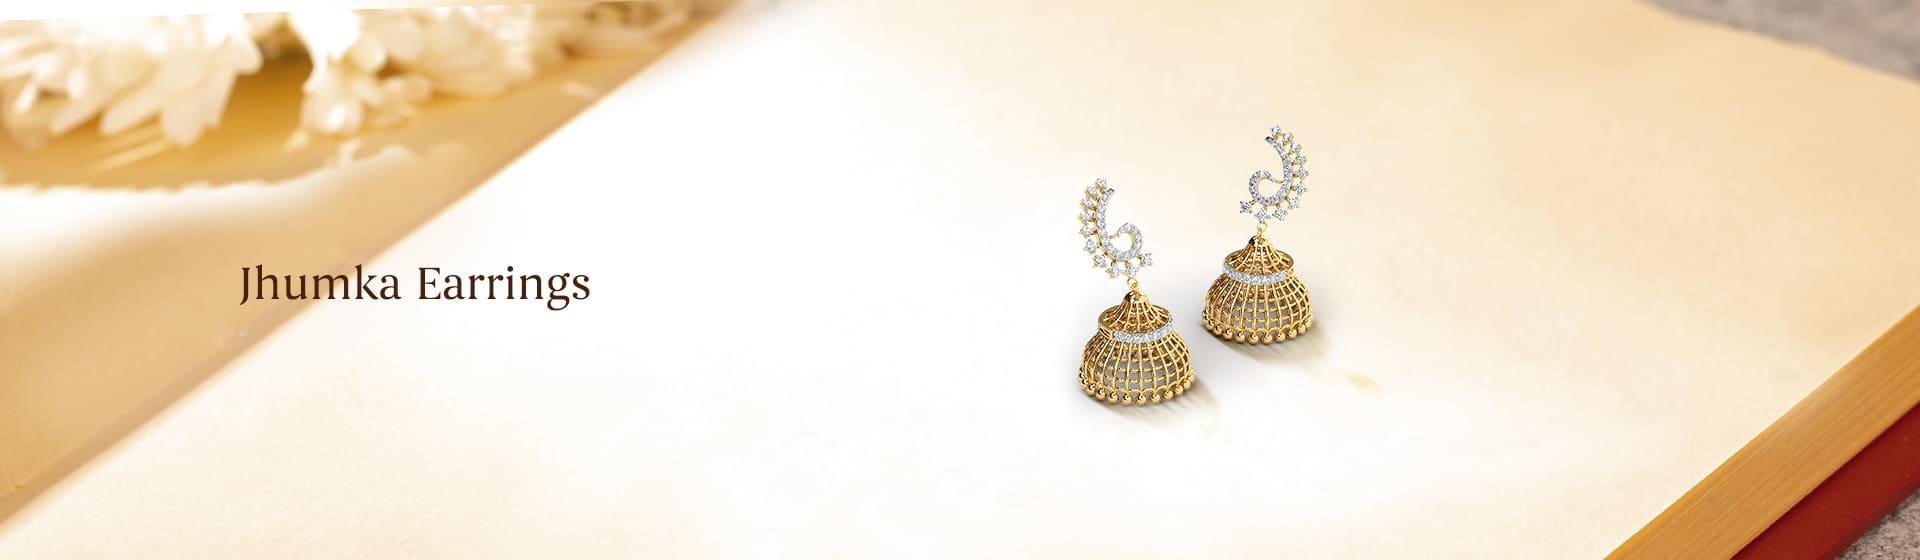 Light & heavy weight ladies wearing Jhumka Earrings designs online